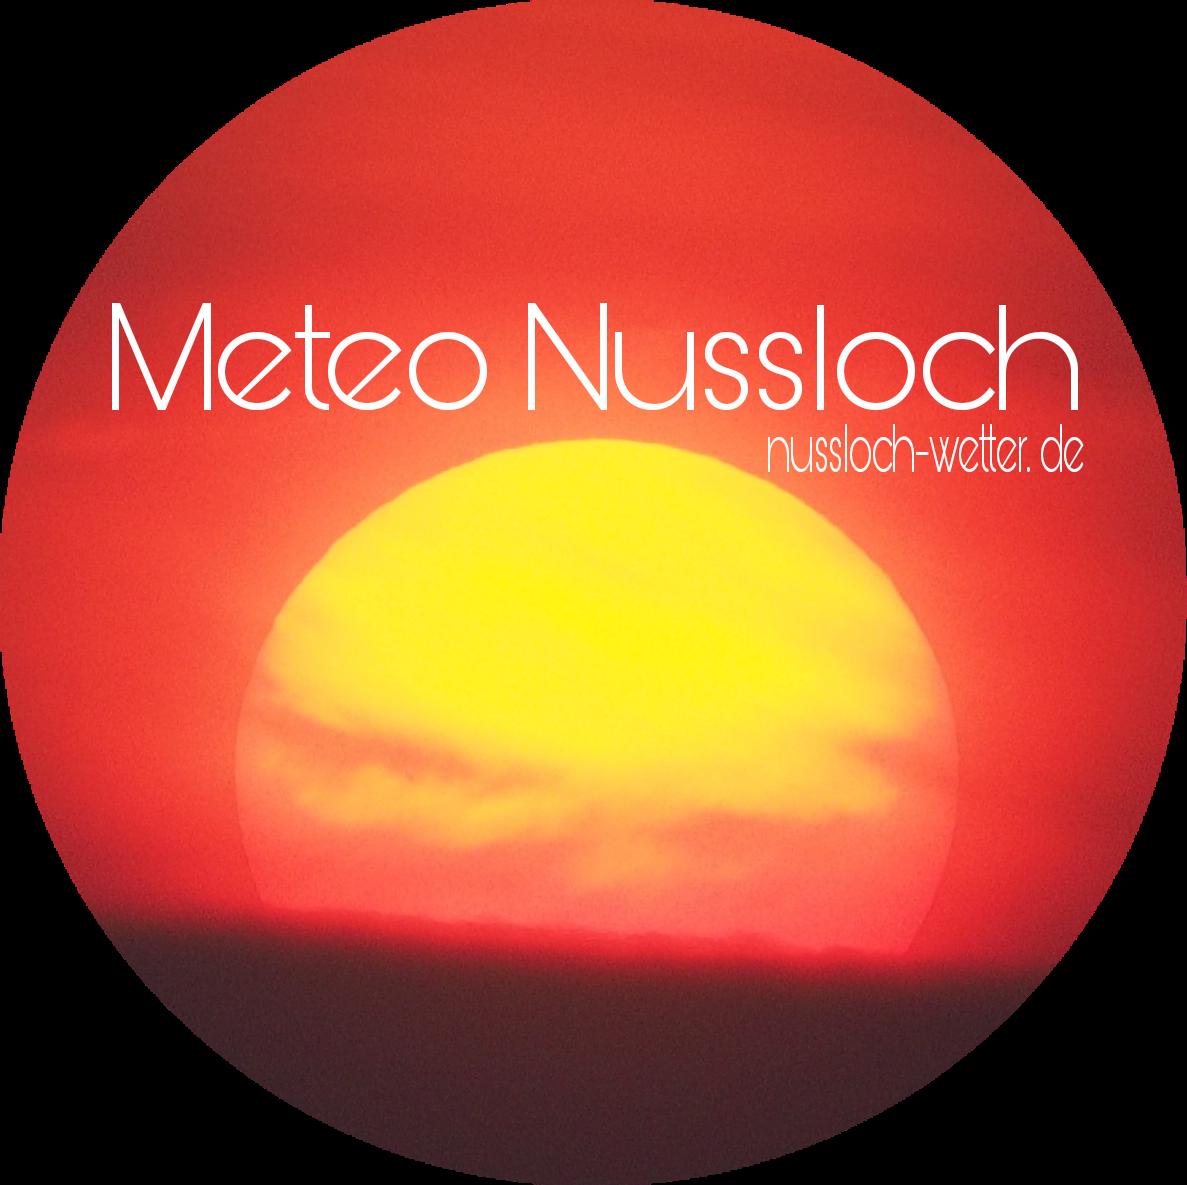 nussloch wetter logo 2